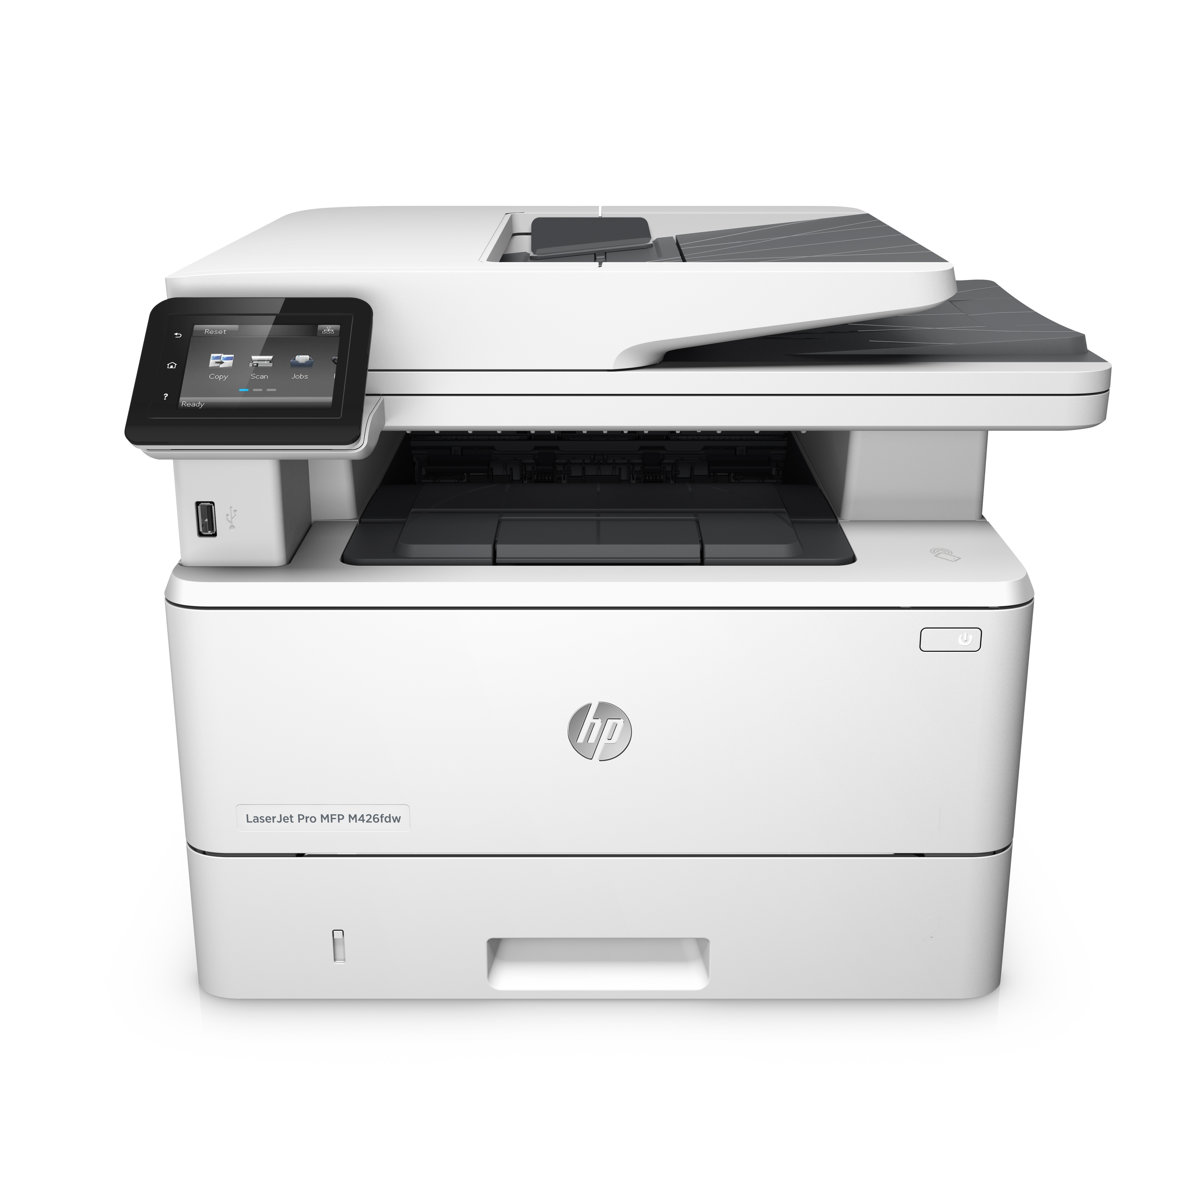 Hp hp color laser printers 11x17 - Hp Laserjet Pro Mfp M426fdw Wireless